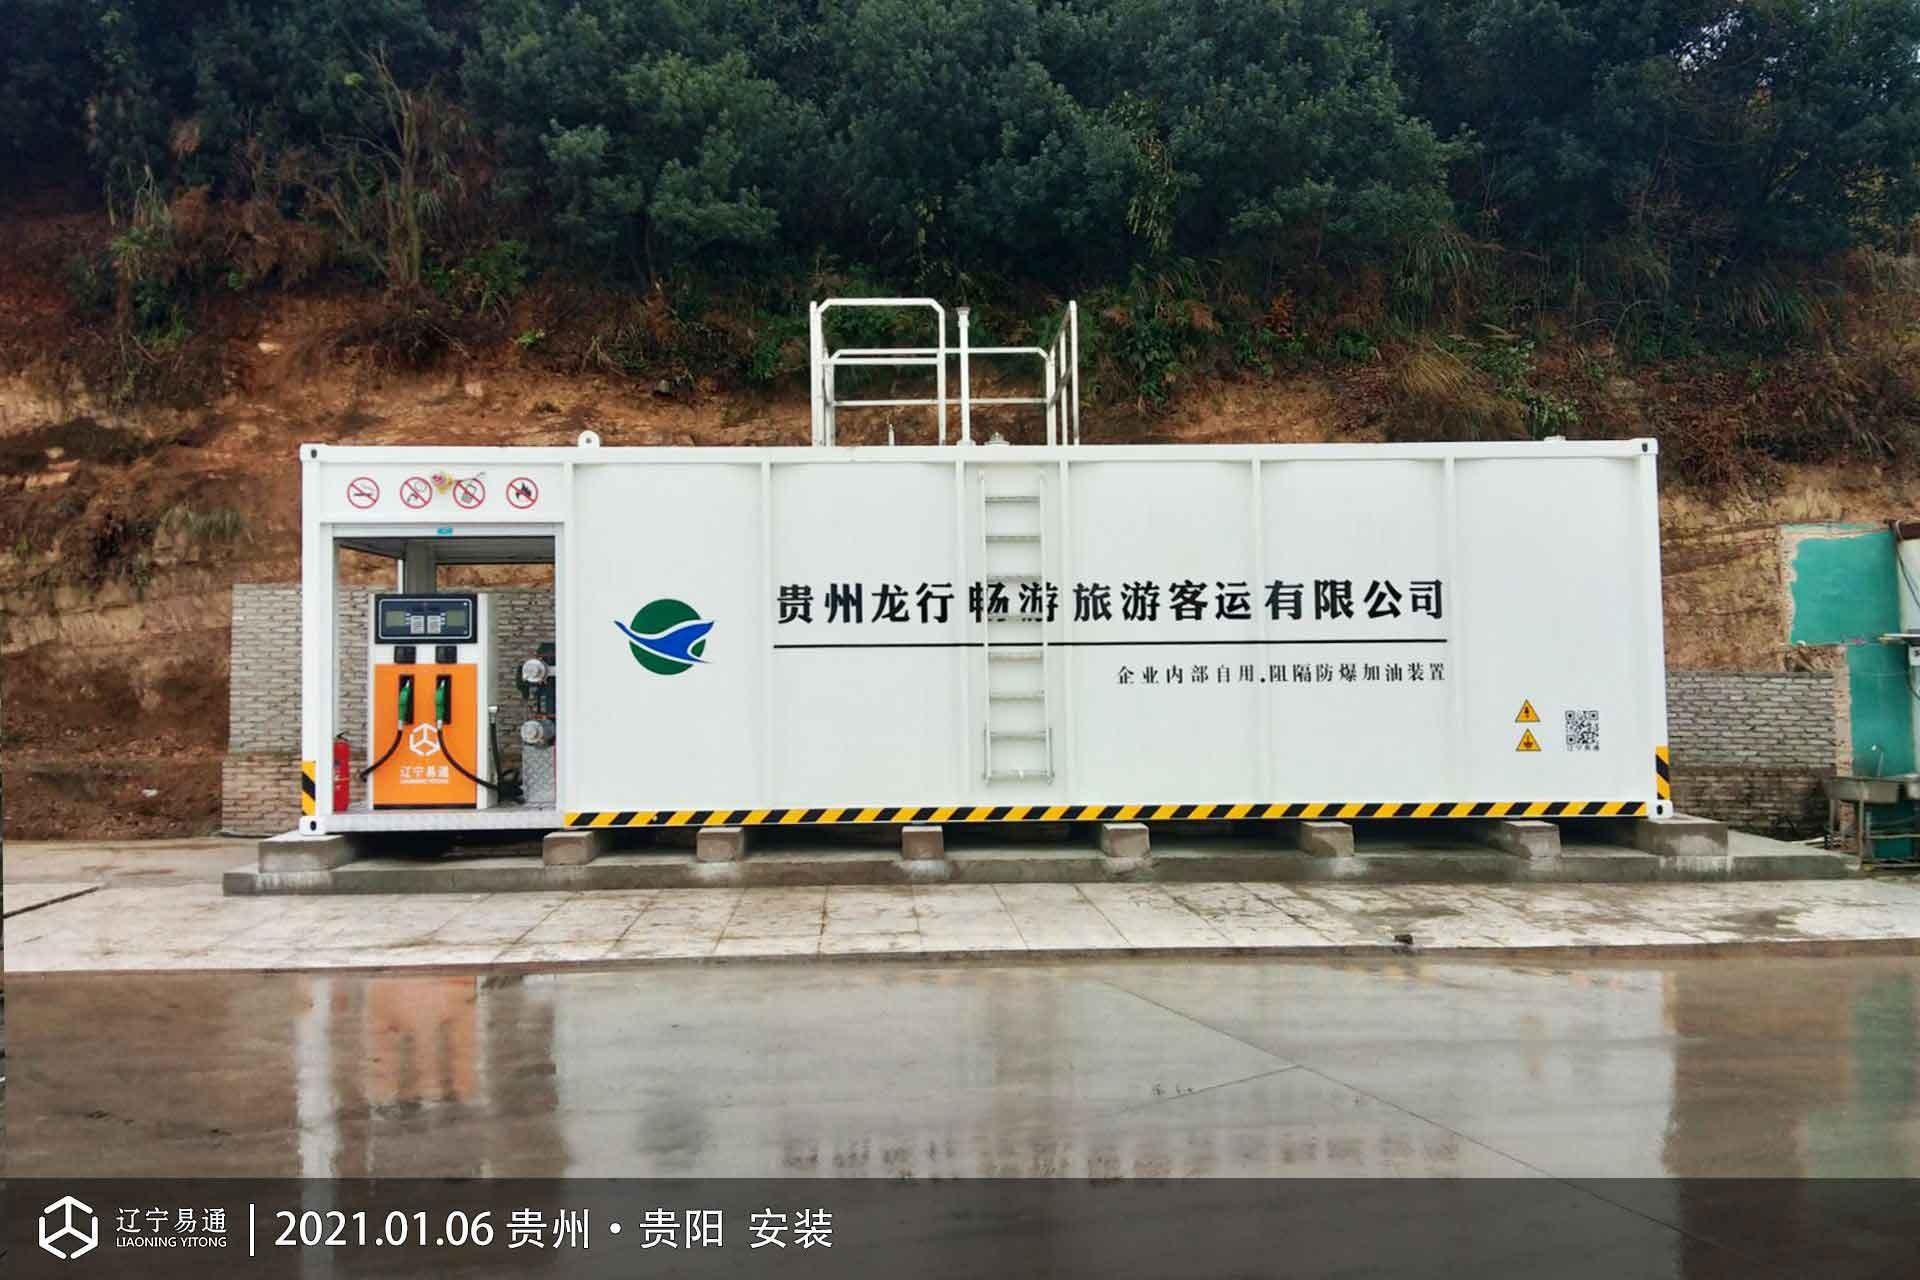 2021年1月6日,辽宁雷竞技app官网撬装式加油装置在贵州贵阳客运公司落地安装完成